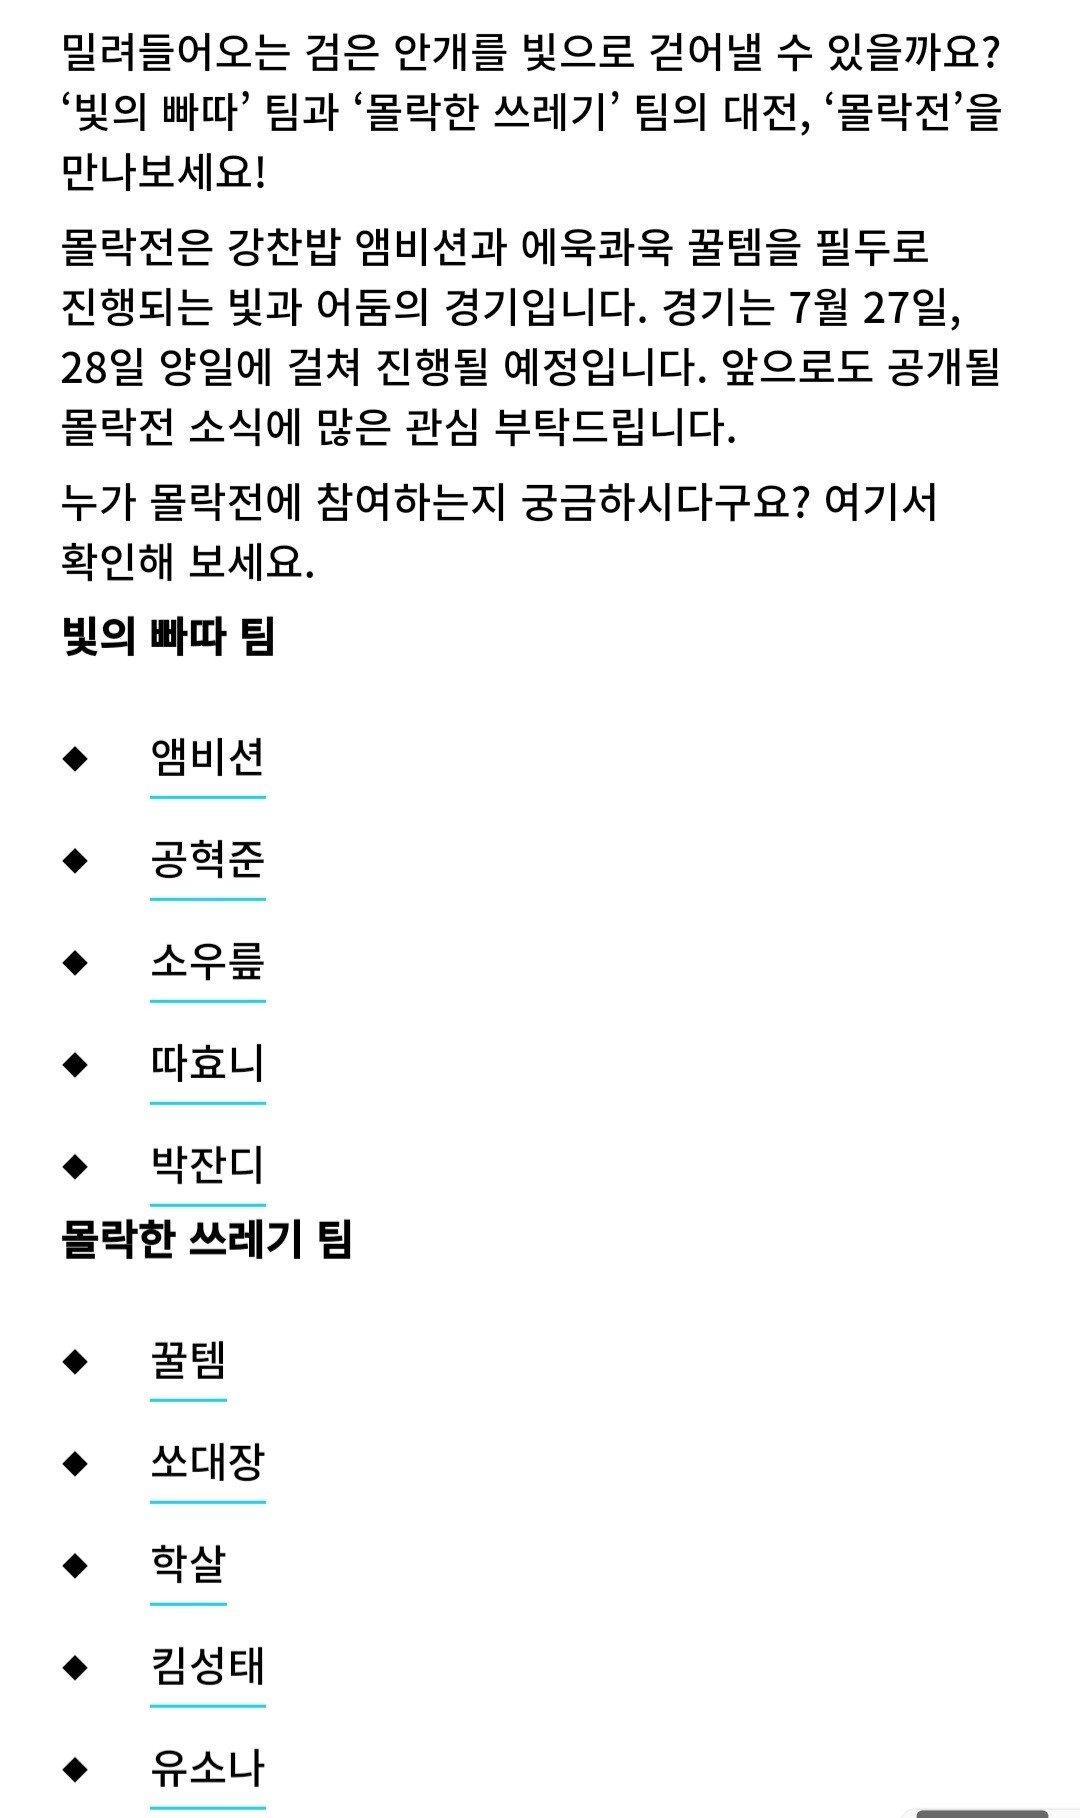 Screenshot_20210709-134715_Chrome.jpg 롤공식) '몰락전'이 곧 열립니다! Feat. 에욱콰욱클템,쏘대장,학살,킴성태,유소나